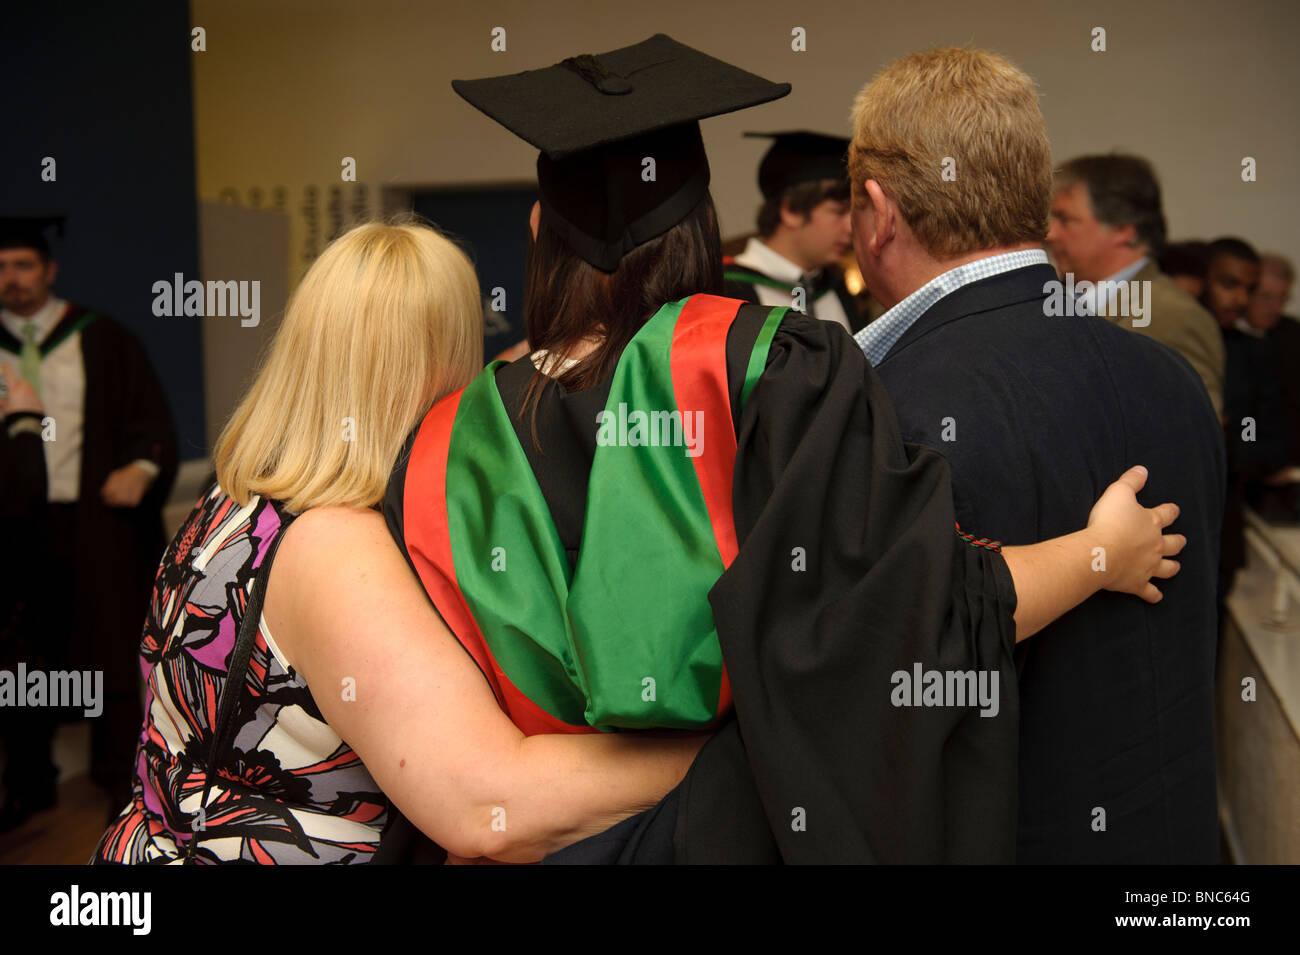 Rückansicht eines Studenten mit ihren Eltern in Aberystwyth University Graduation Day, Wales UK Stockfoto